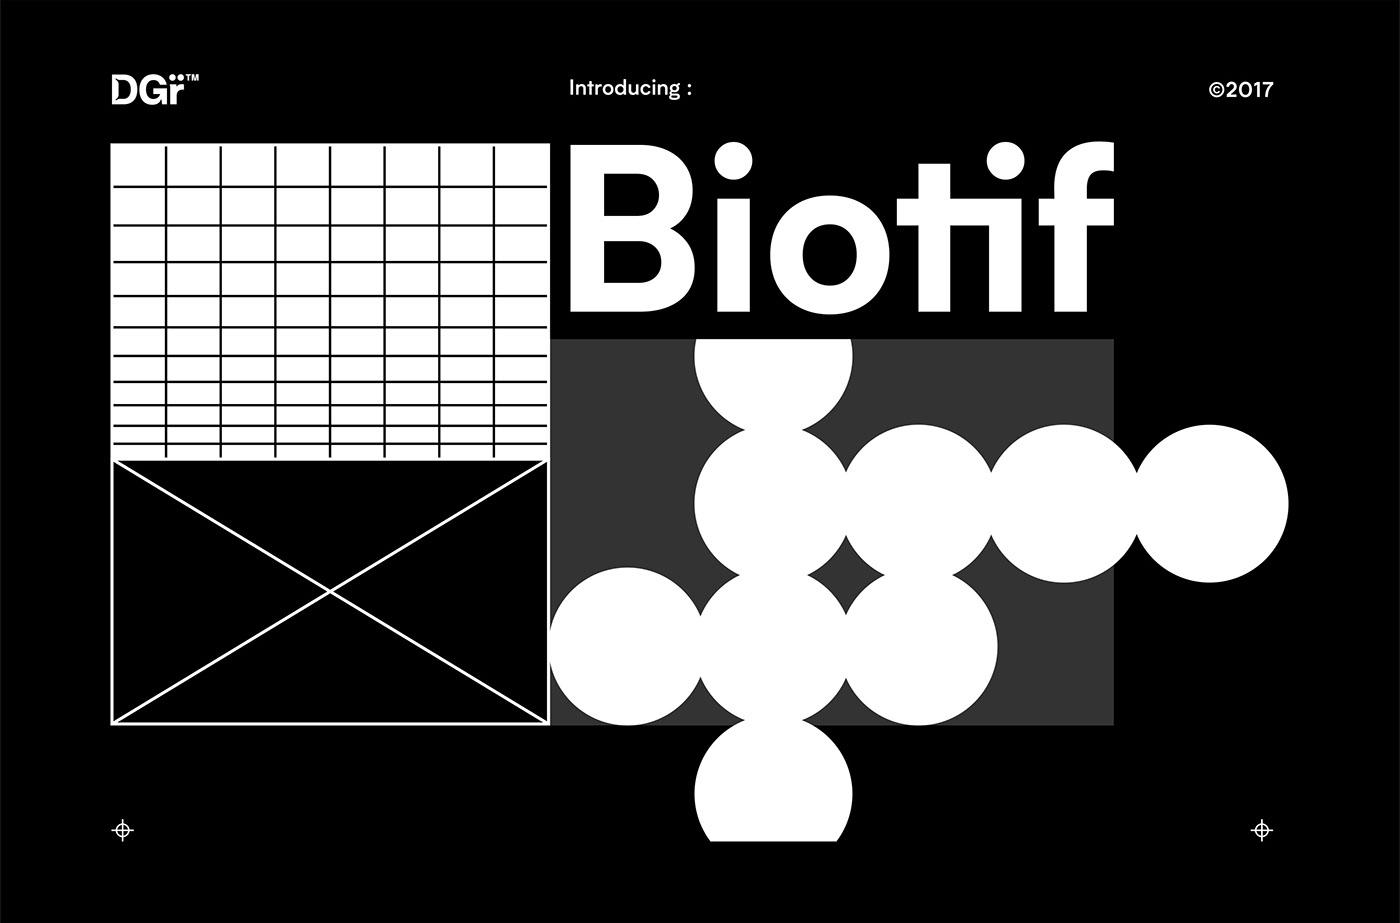 Biotif Typeface - Deni Anggara